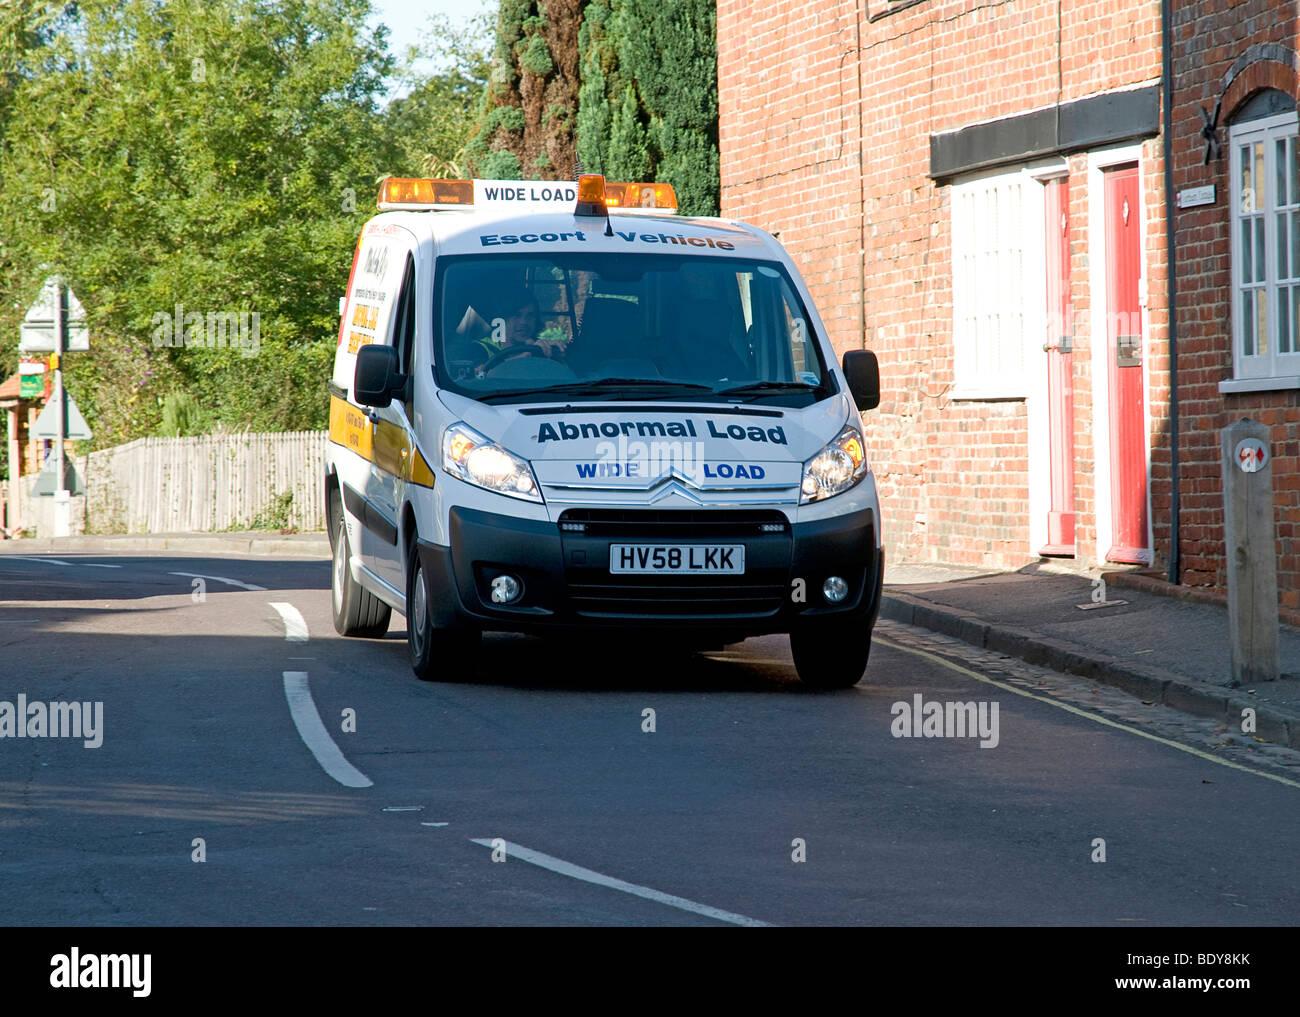 Citroen van  wide load escort vehicle 2009 - Stock Image